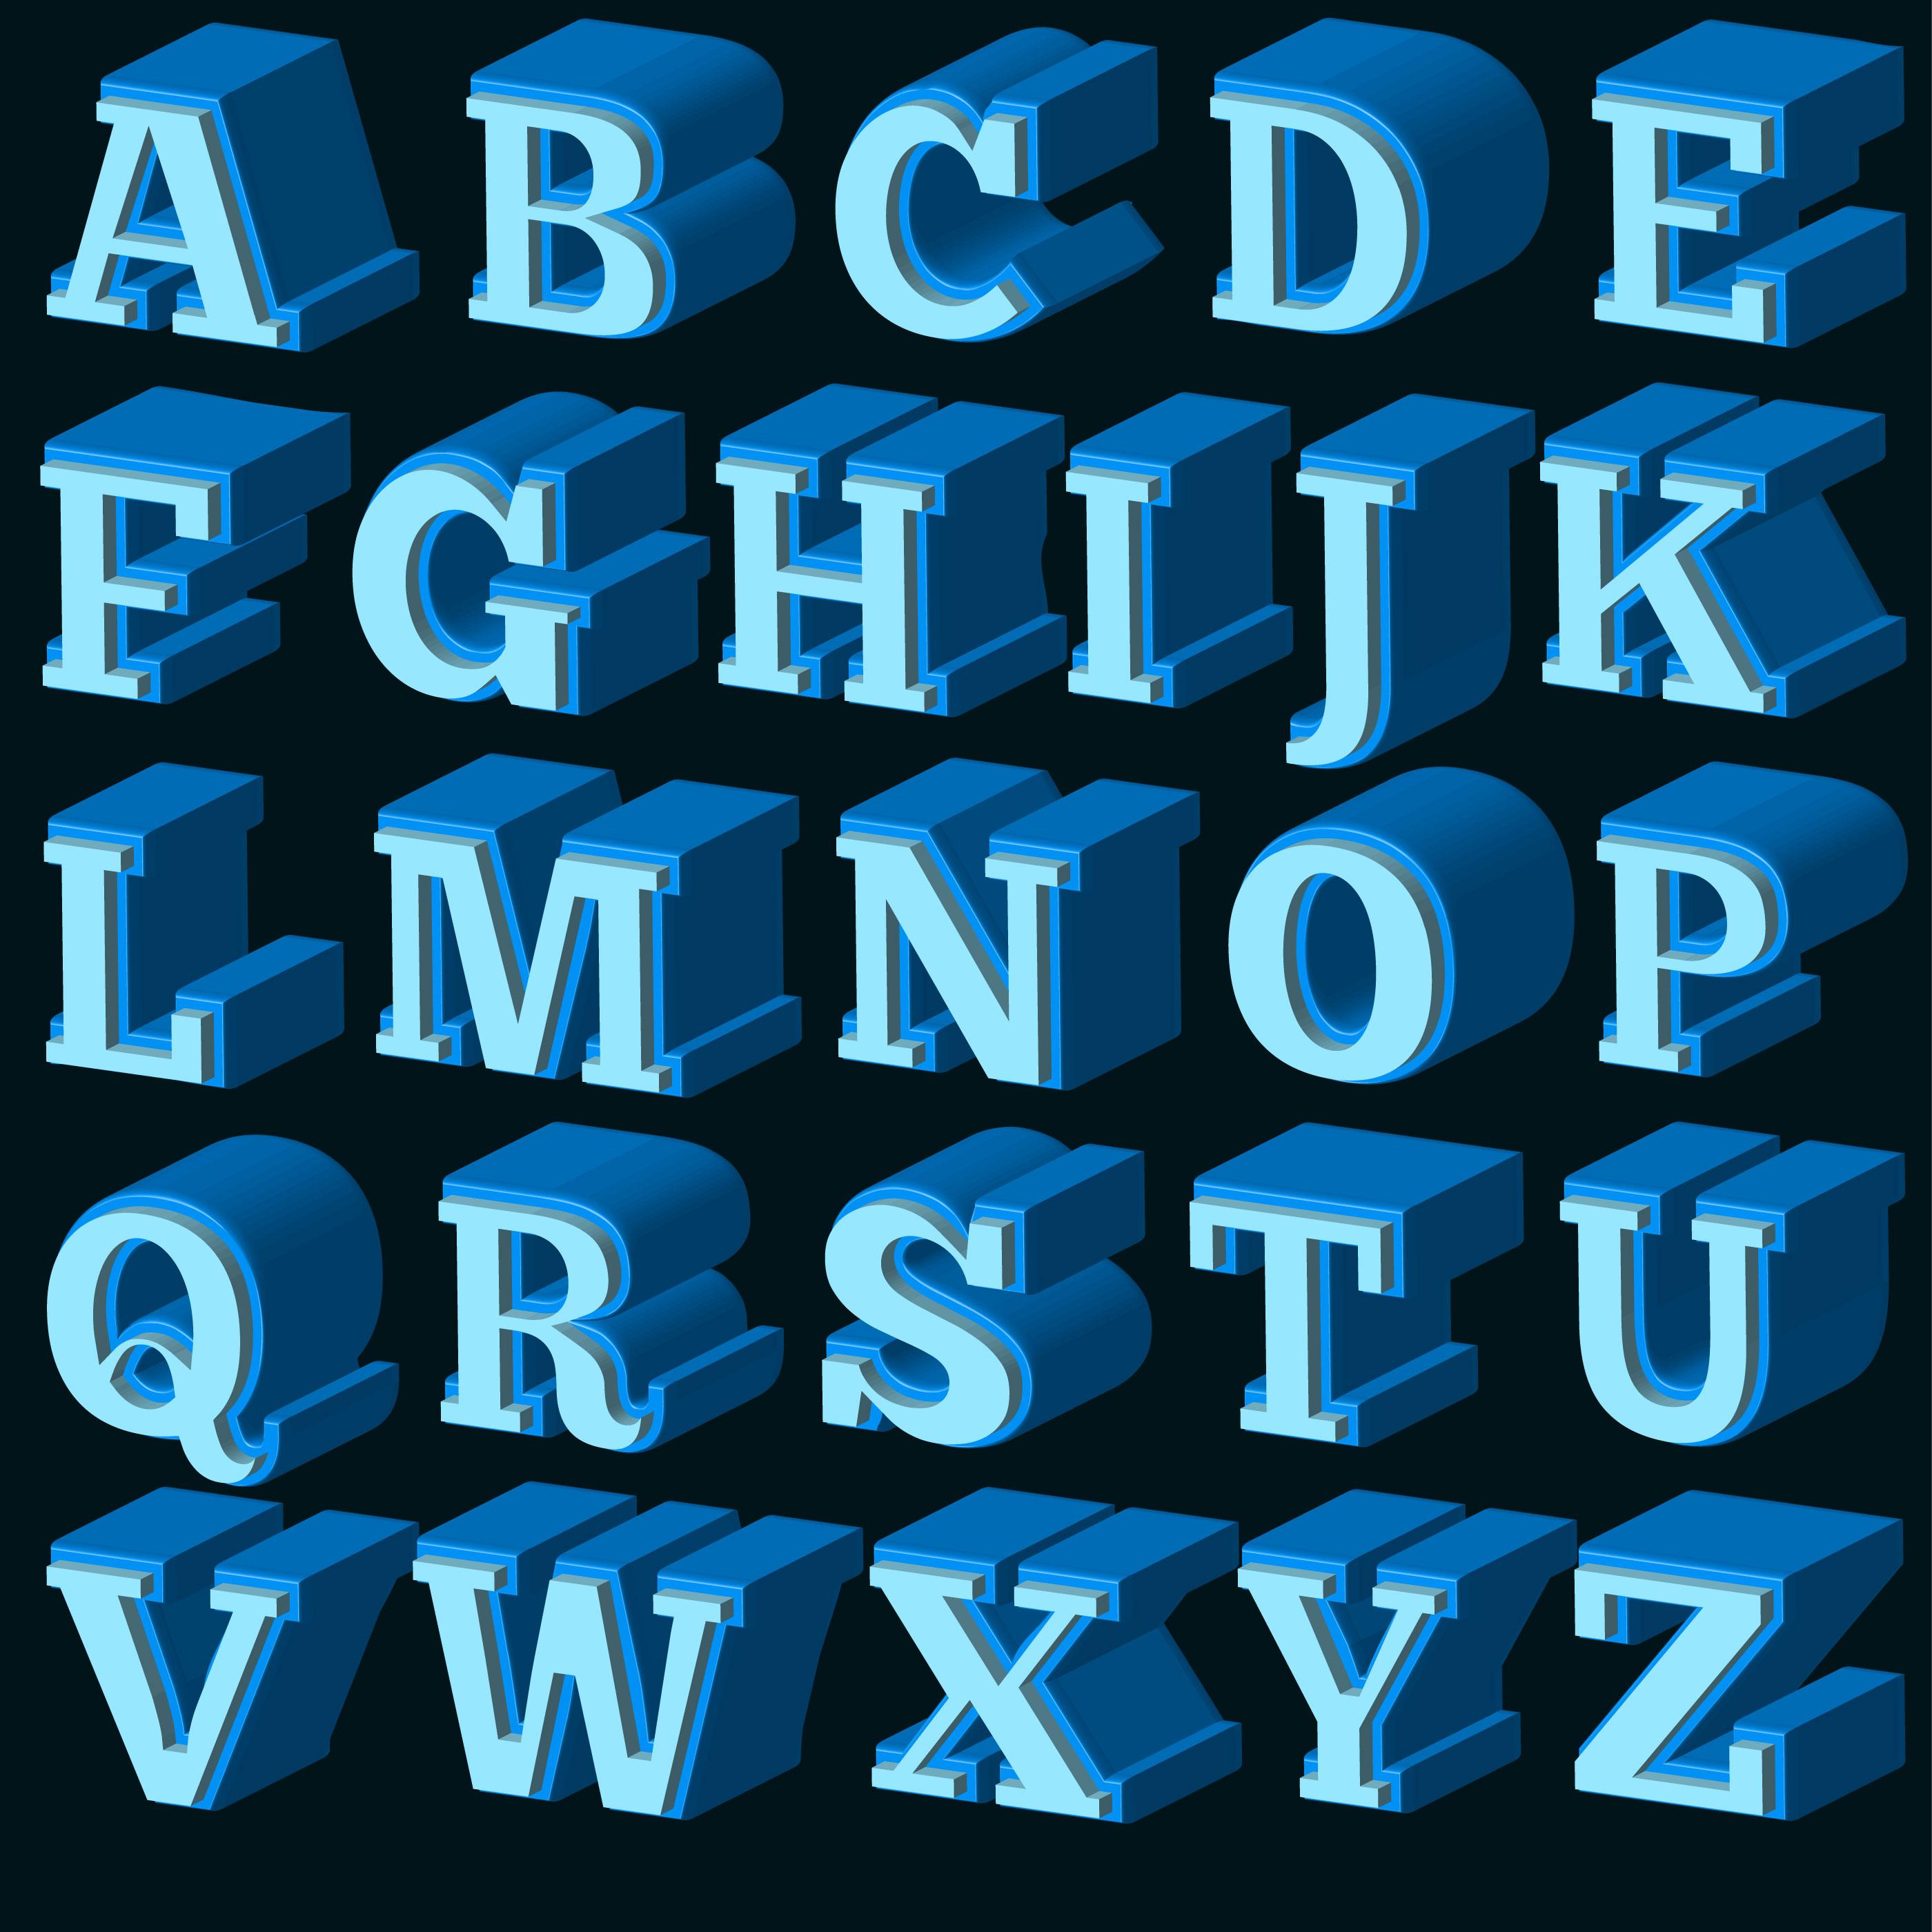 Download Vector Blue 3d Font - Download Free Vectors, Clipart ...